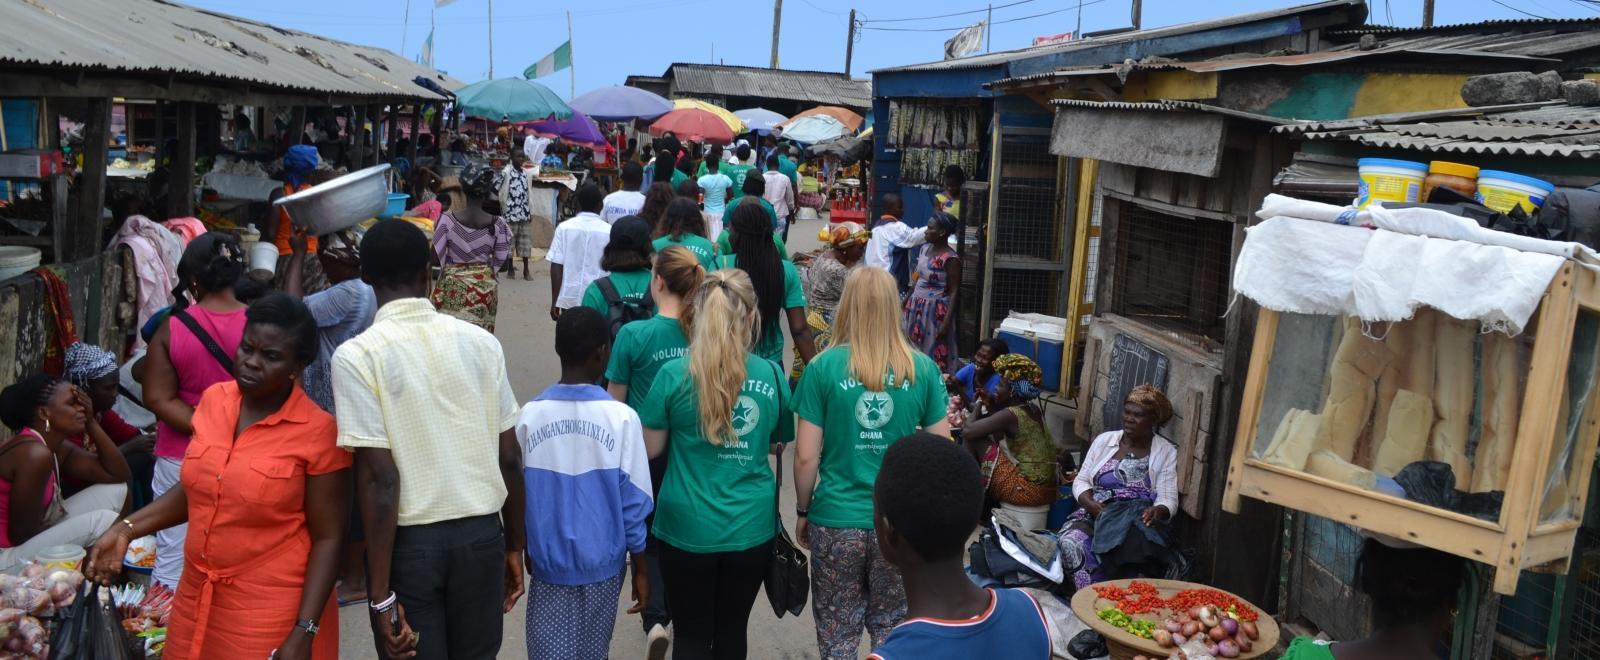 Pasantes de derechos humanos en Ghana visitando a la comunidad local.